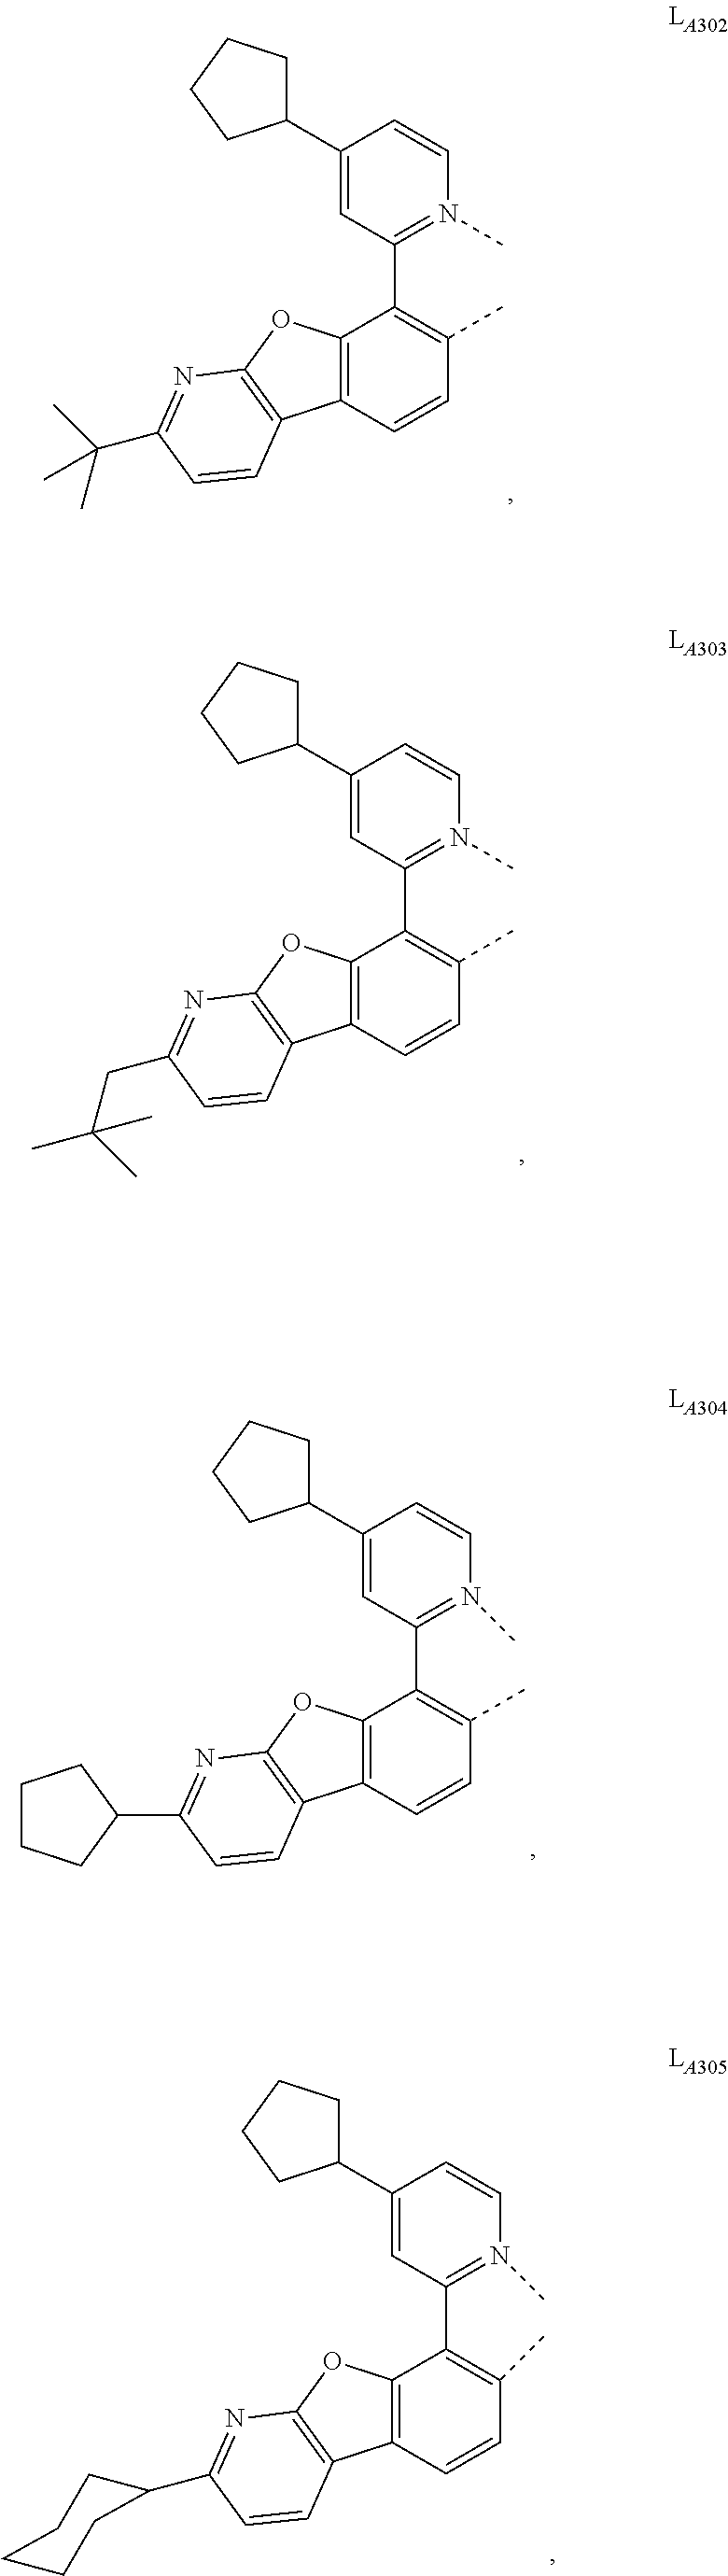 Figure US20160049599A1-20160218-C00080